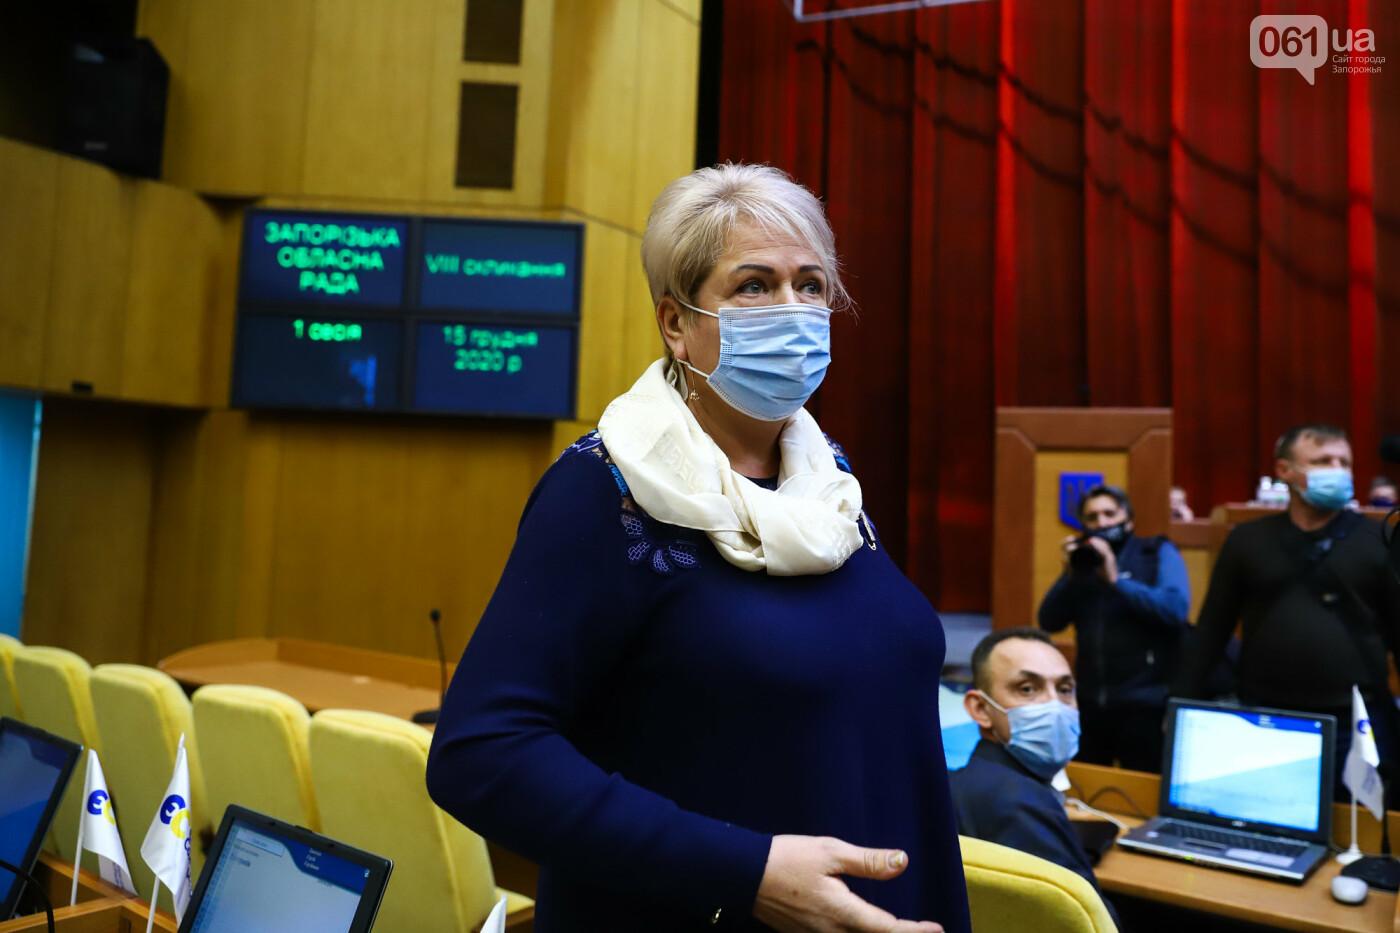 """Тайная """"сессия"""", сотни правоохранителей и стычки с активистами - что происходило в здании Запорожского облсовета, - ФОТО, ВИДЕО , фото-11"""